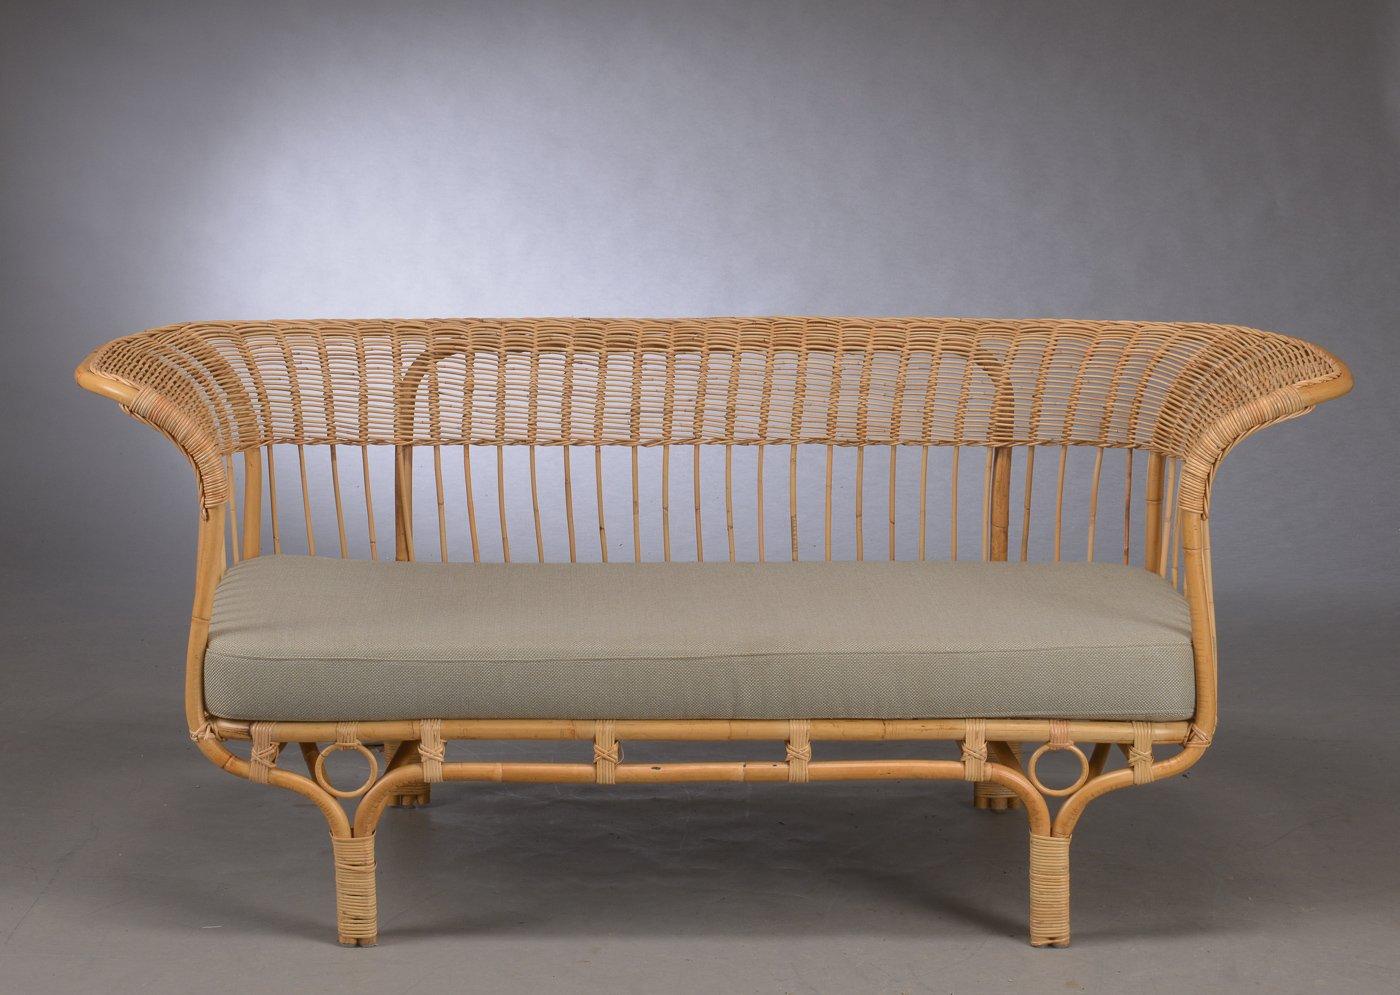 Belladonna Rattan Sofa By Franco Albini 1950s